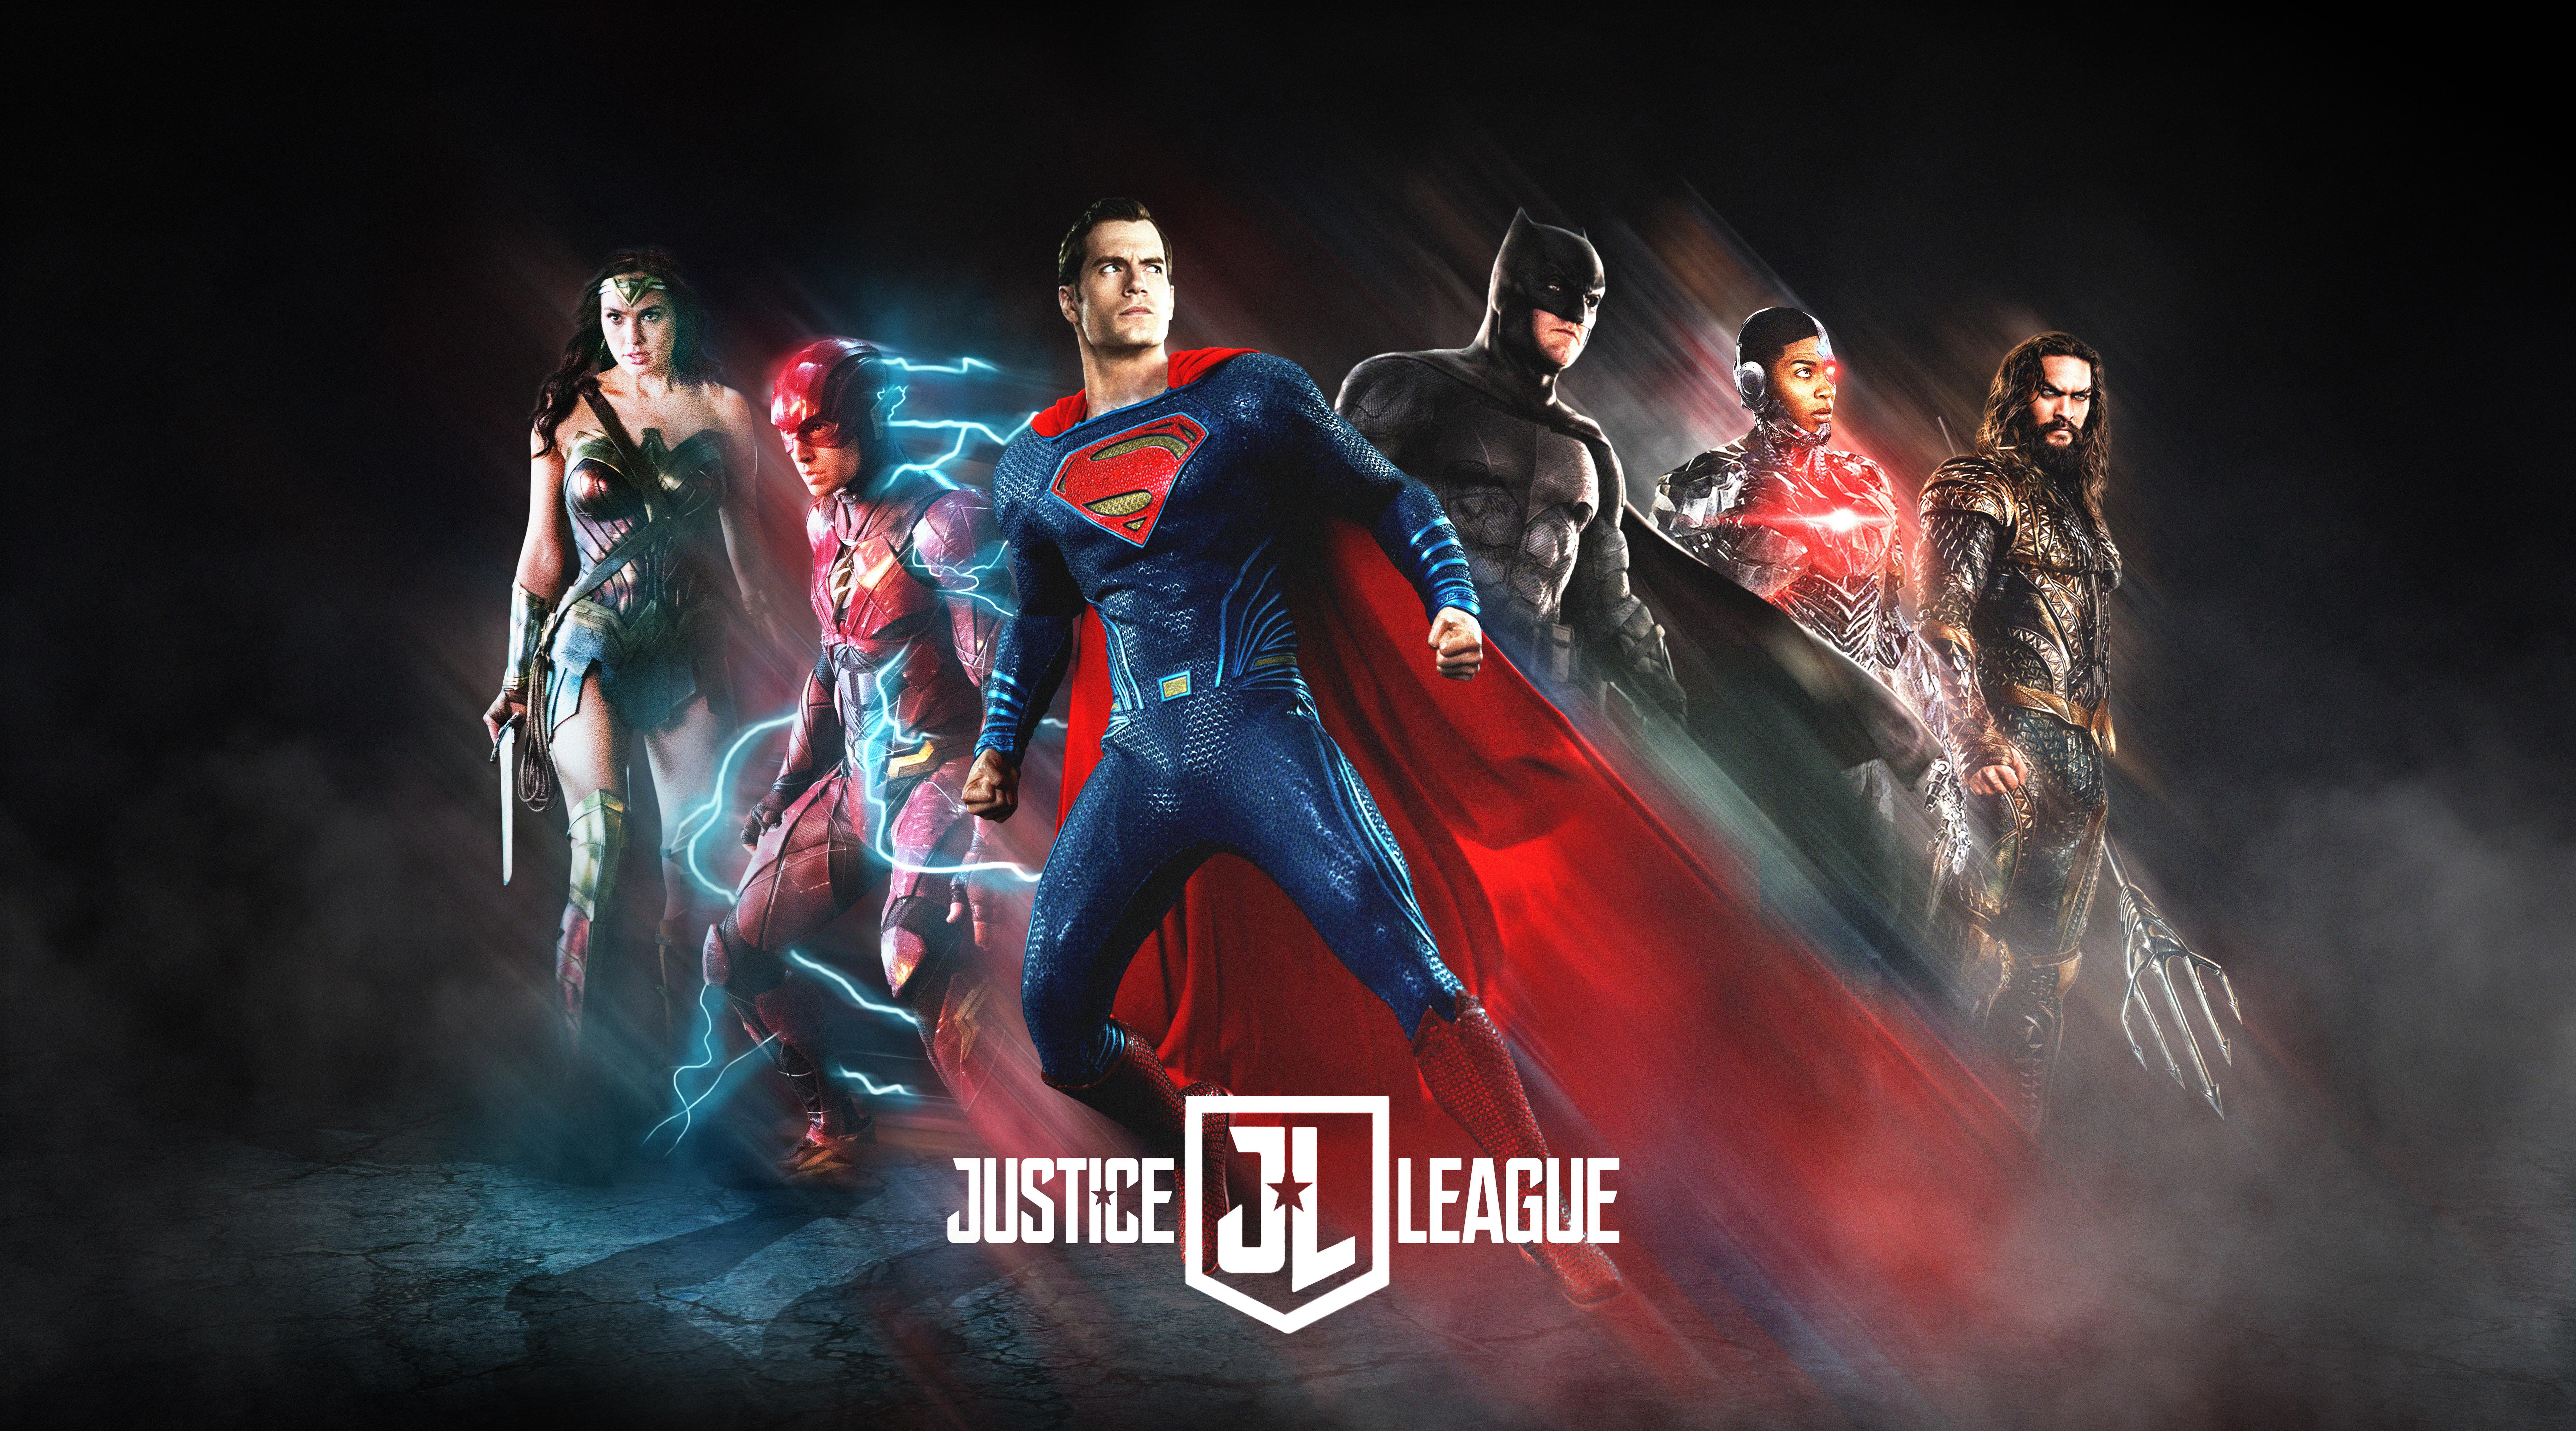 Wonder Woman Justice League 4k Fan Art Hd Movies 4k: Justice League (2017) 8k Ultra HD Wallpaper